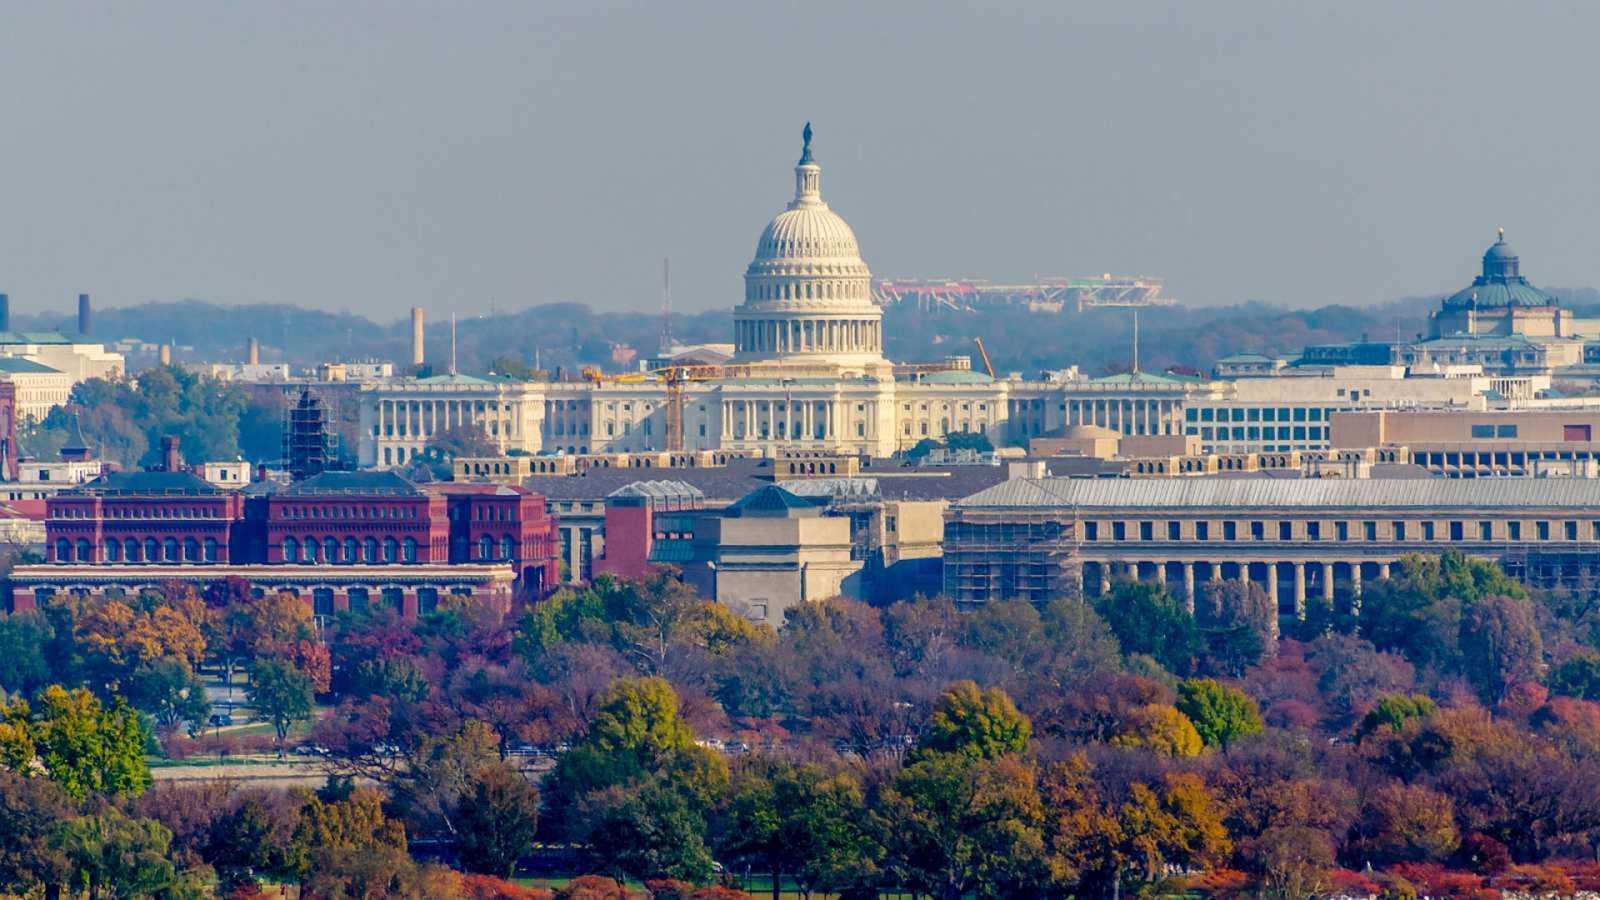 Reportajes 5 Continentes - Elecciones en EE.UU.: Washington DC, una capital sin voz - Escuchar ahora